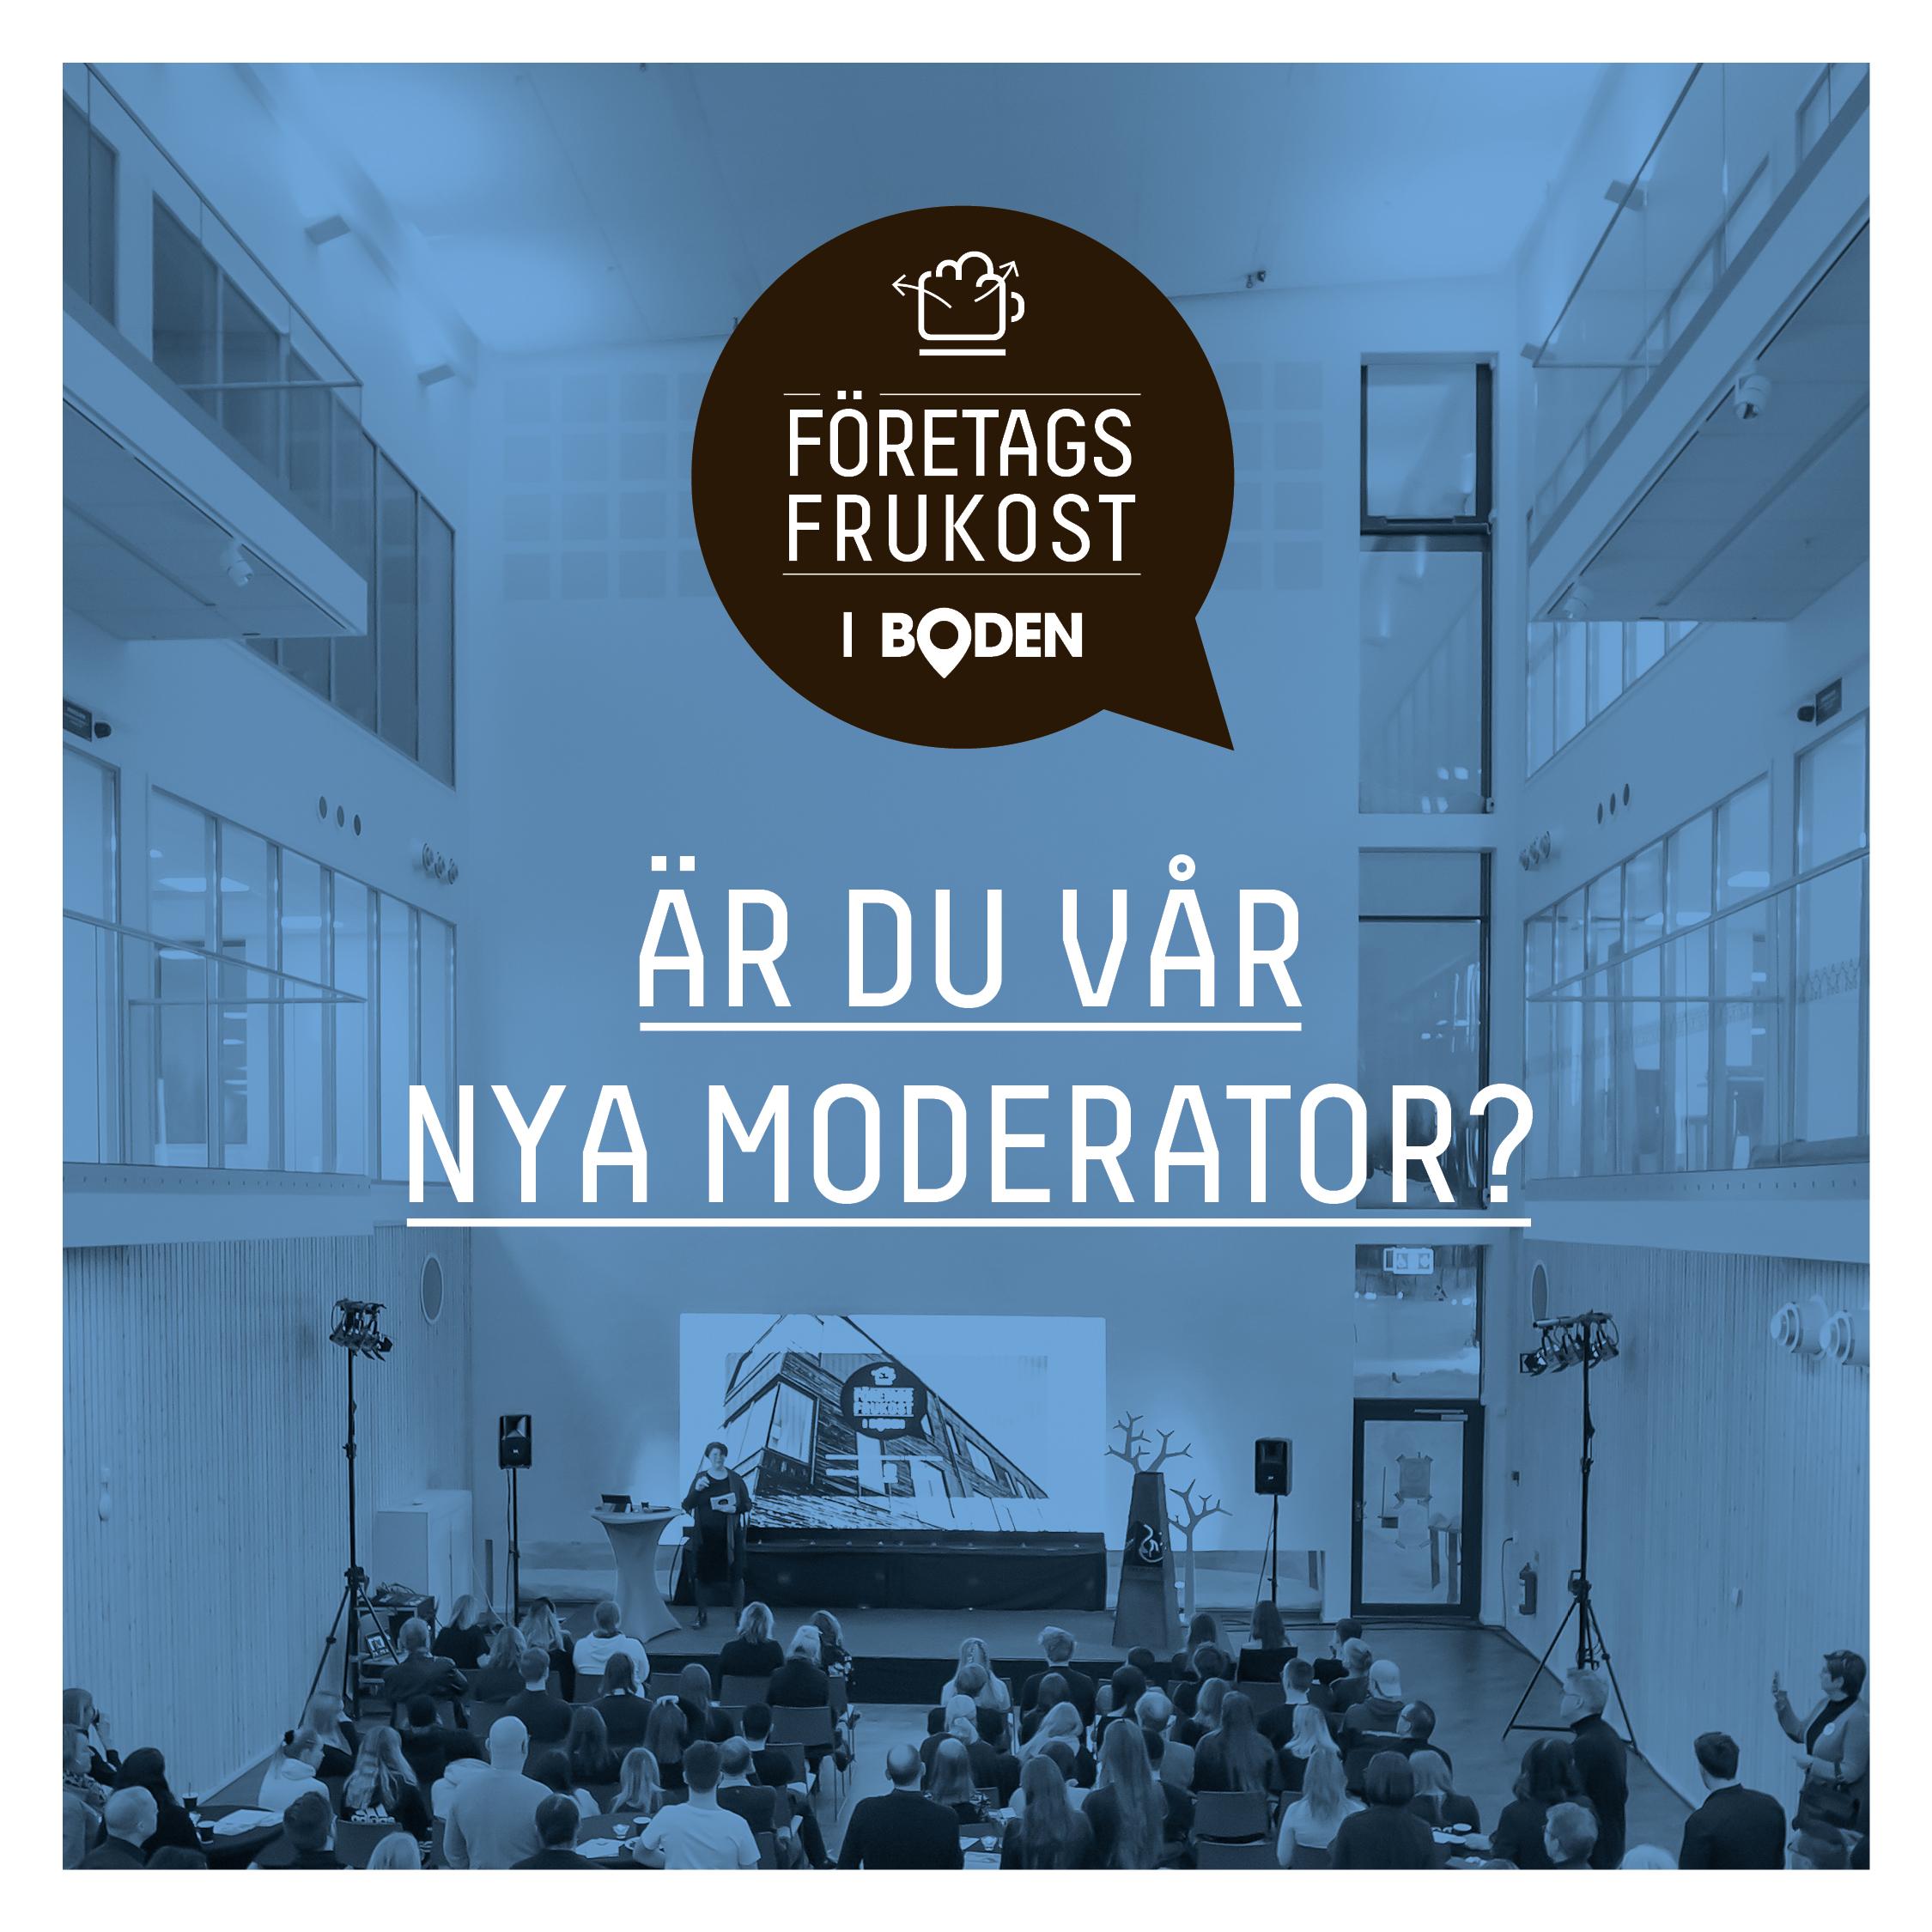 Är du vår nya moderator till företagsfrukostarna?